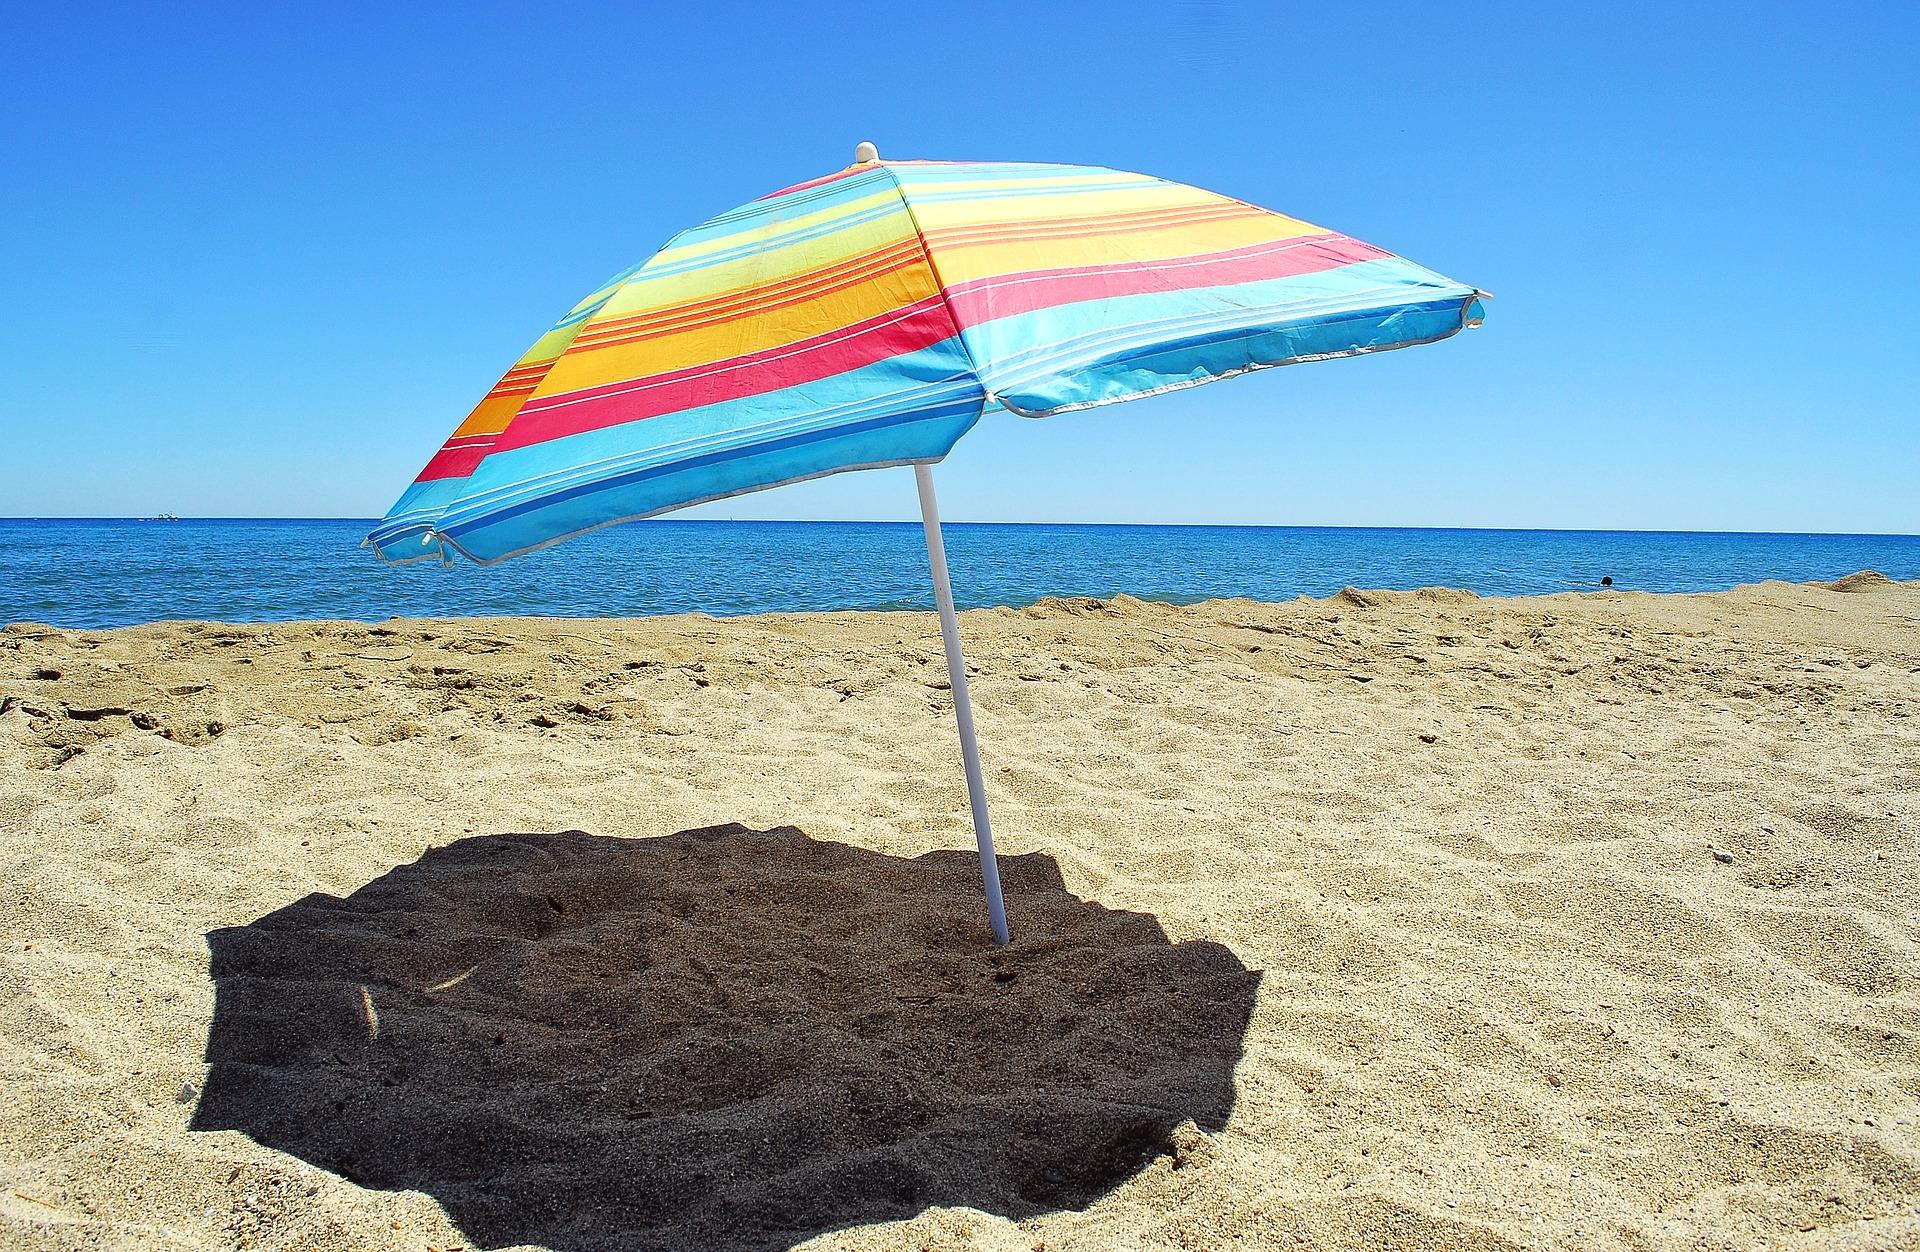 Échelle d'indice UV | Rester en sécurité au soleil